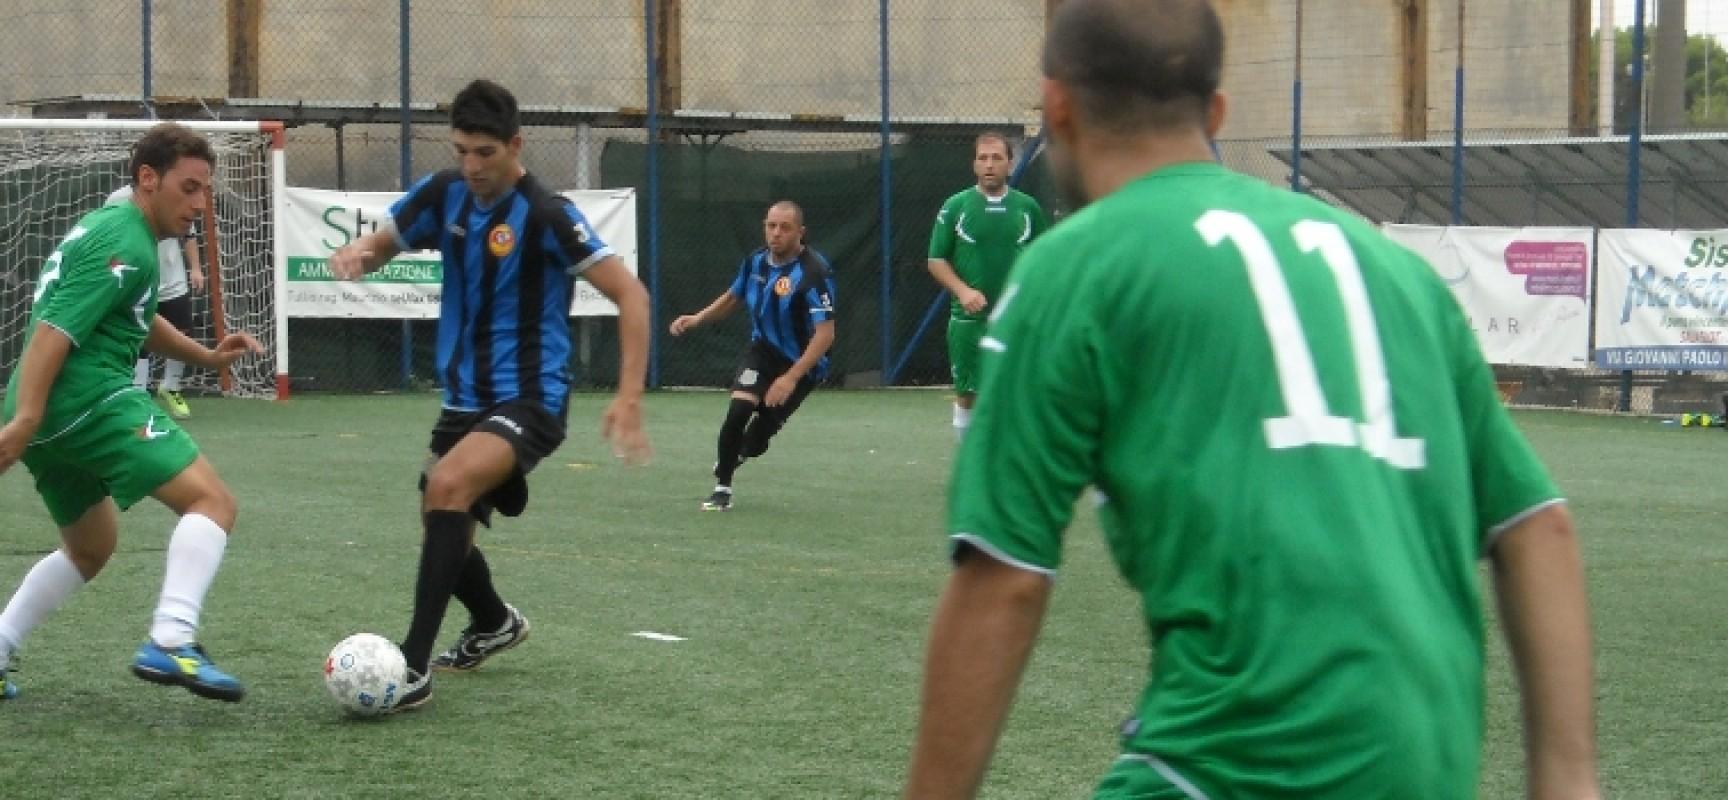 Coppa Italia serie C, ottimo esordio per il Santos Club